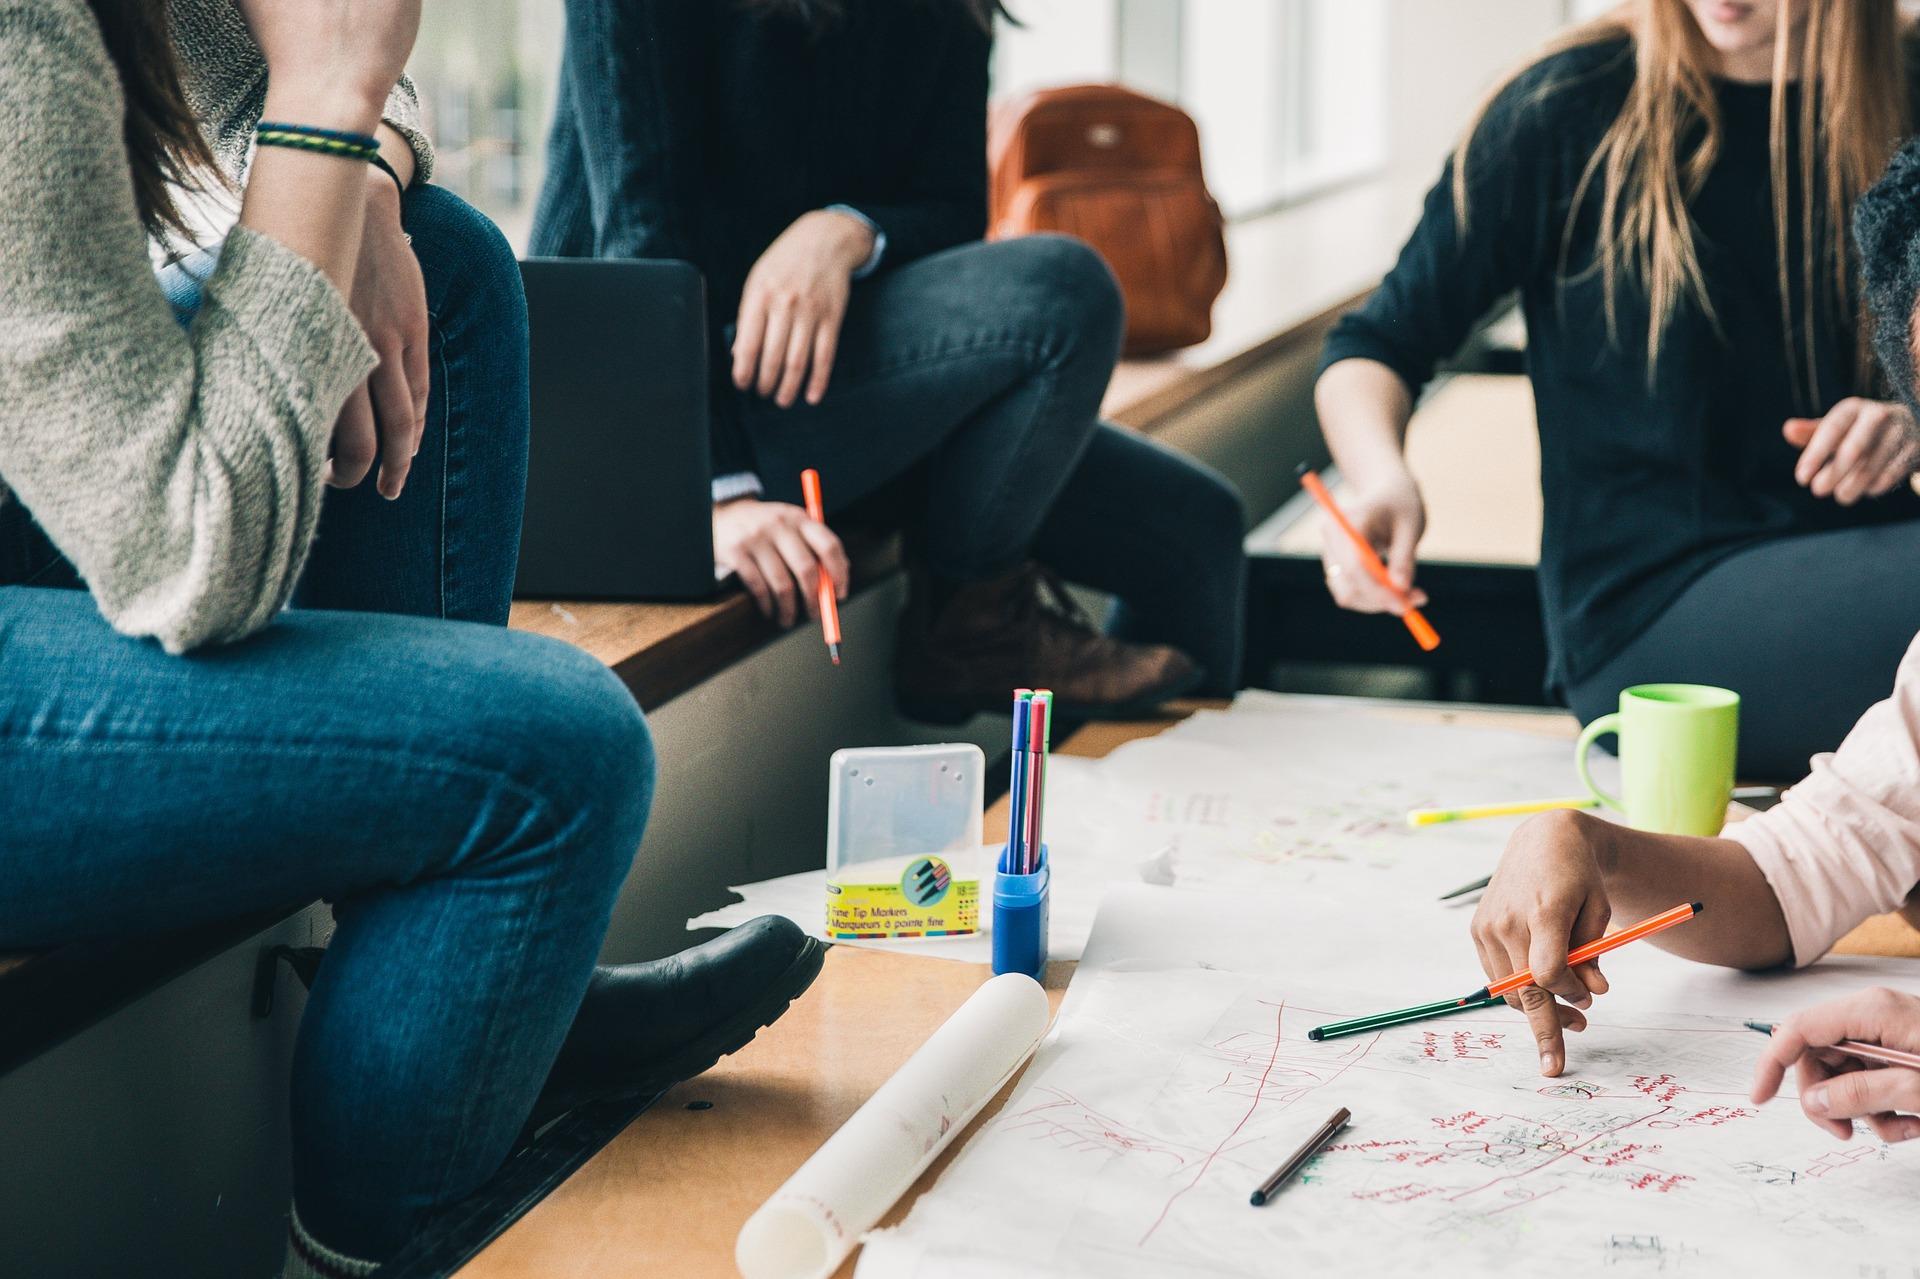 Hoe kunnen we sterkere verbinding creëren tussen leerlingen en arbeidsmarkt?